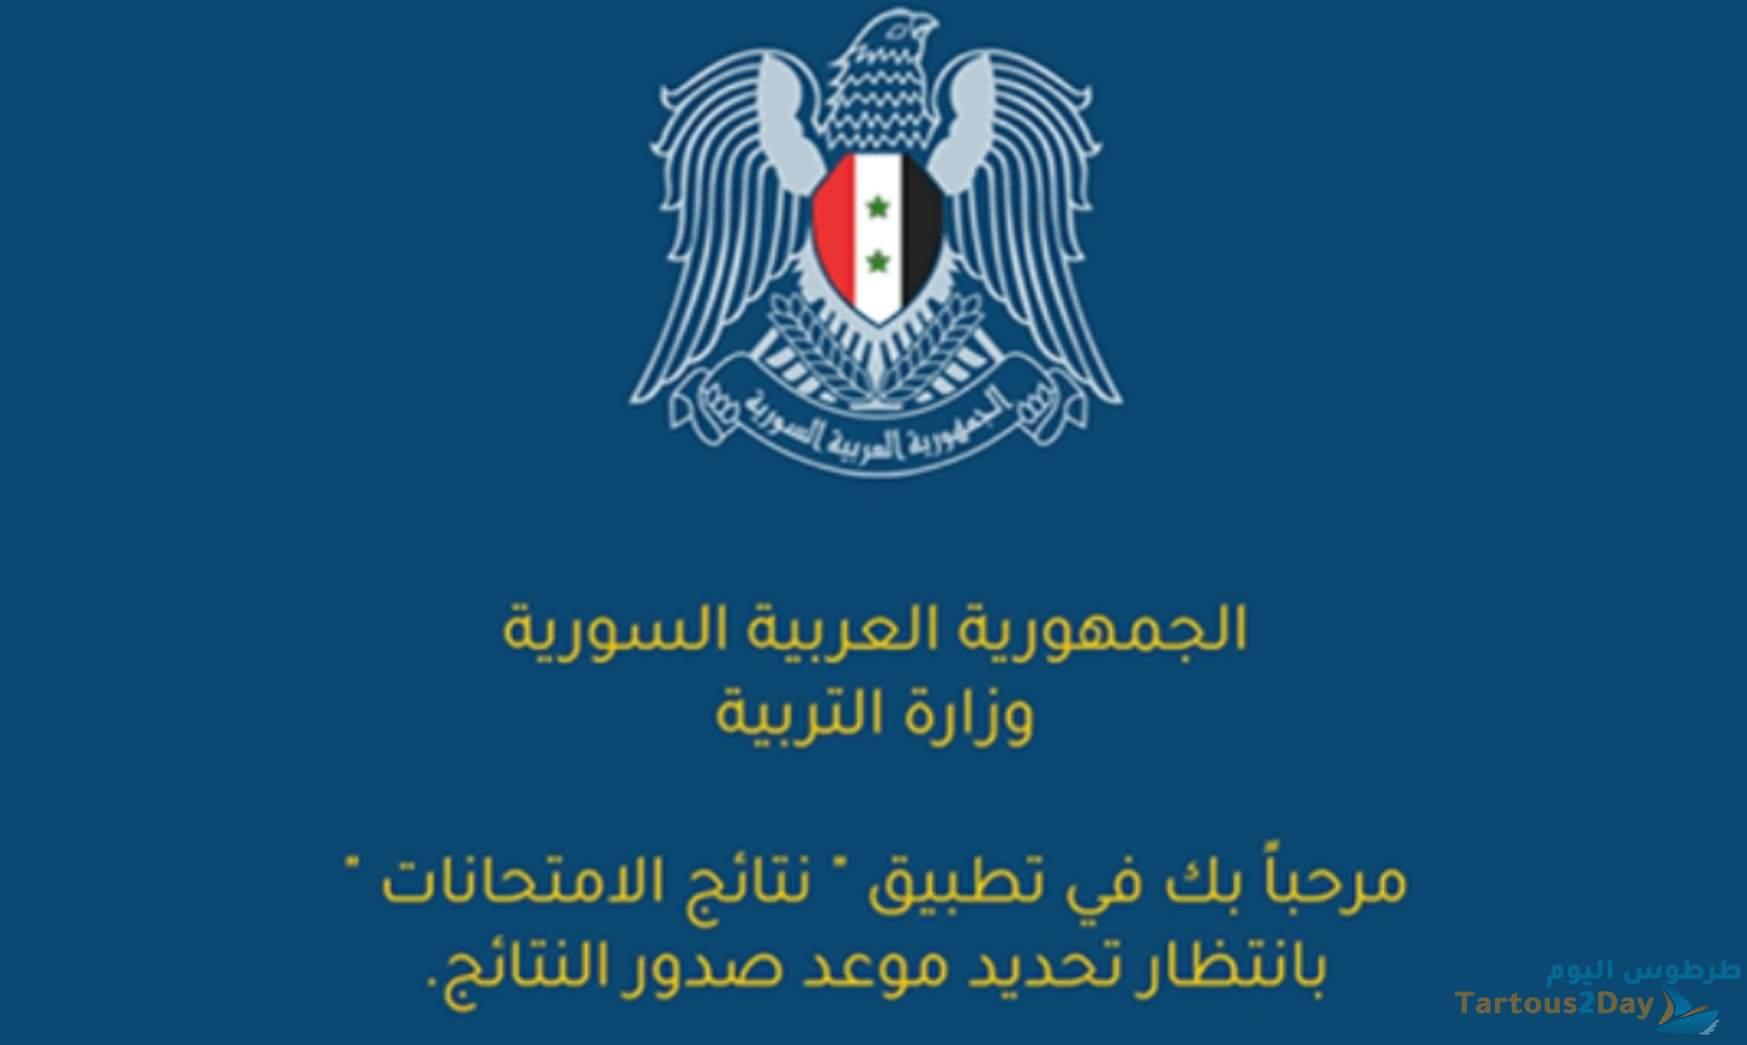 سوريا ... تحميل تحديث تطبيق نتائج امتحانات البكالوريا والتاسع 2021